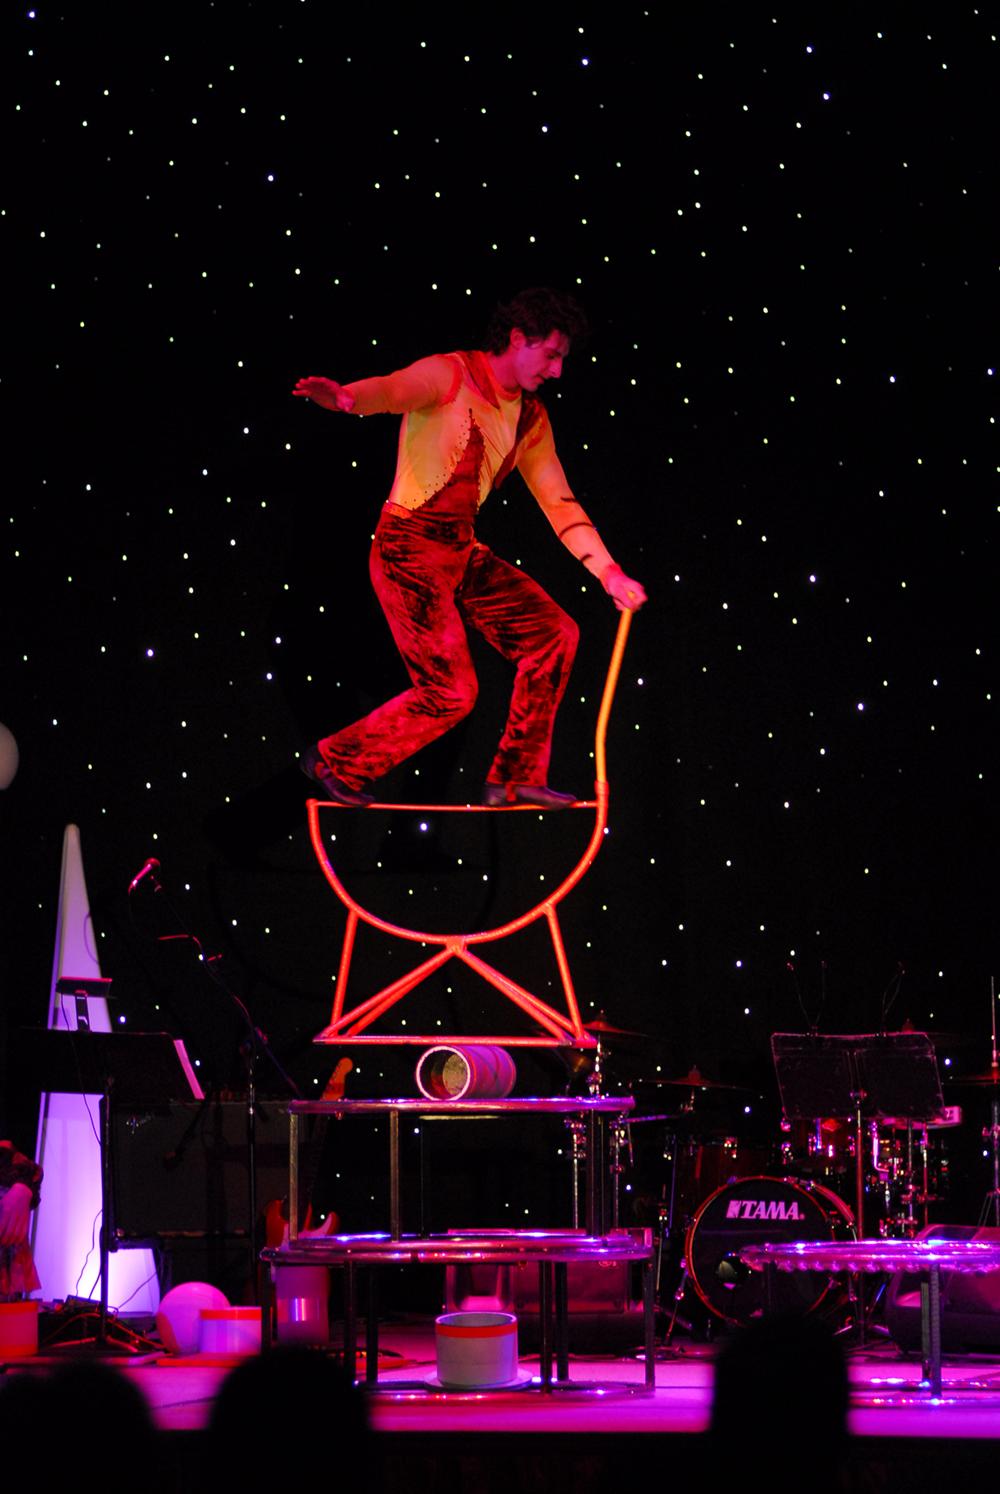 la-grande-cirque-5.jpg